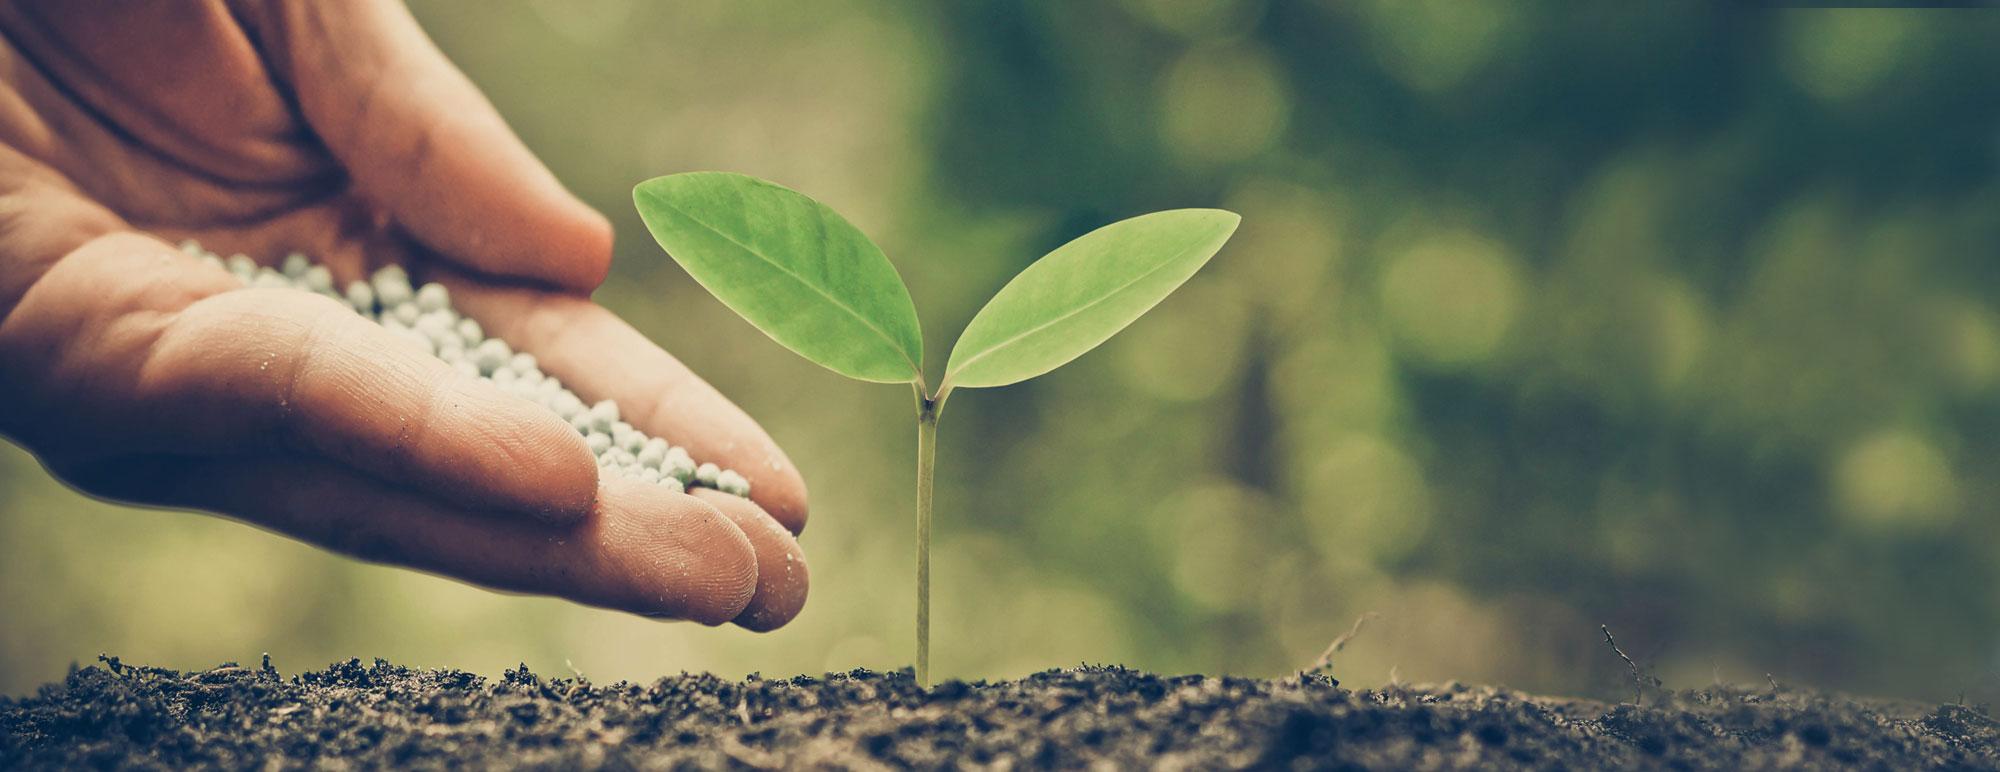 sostenibilita-2